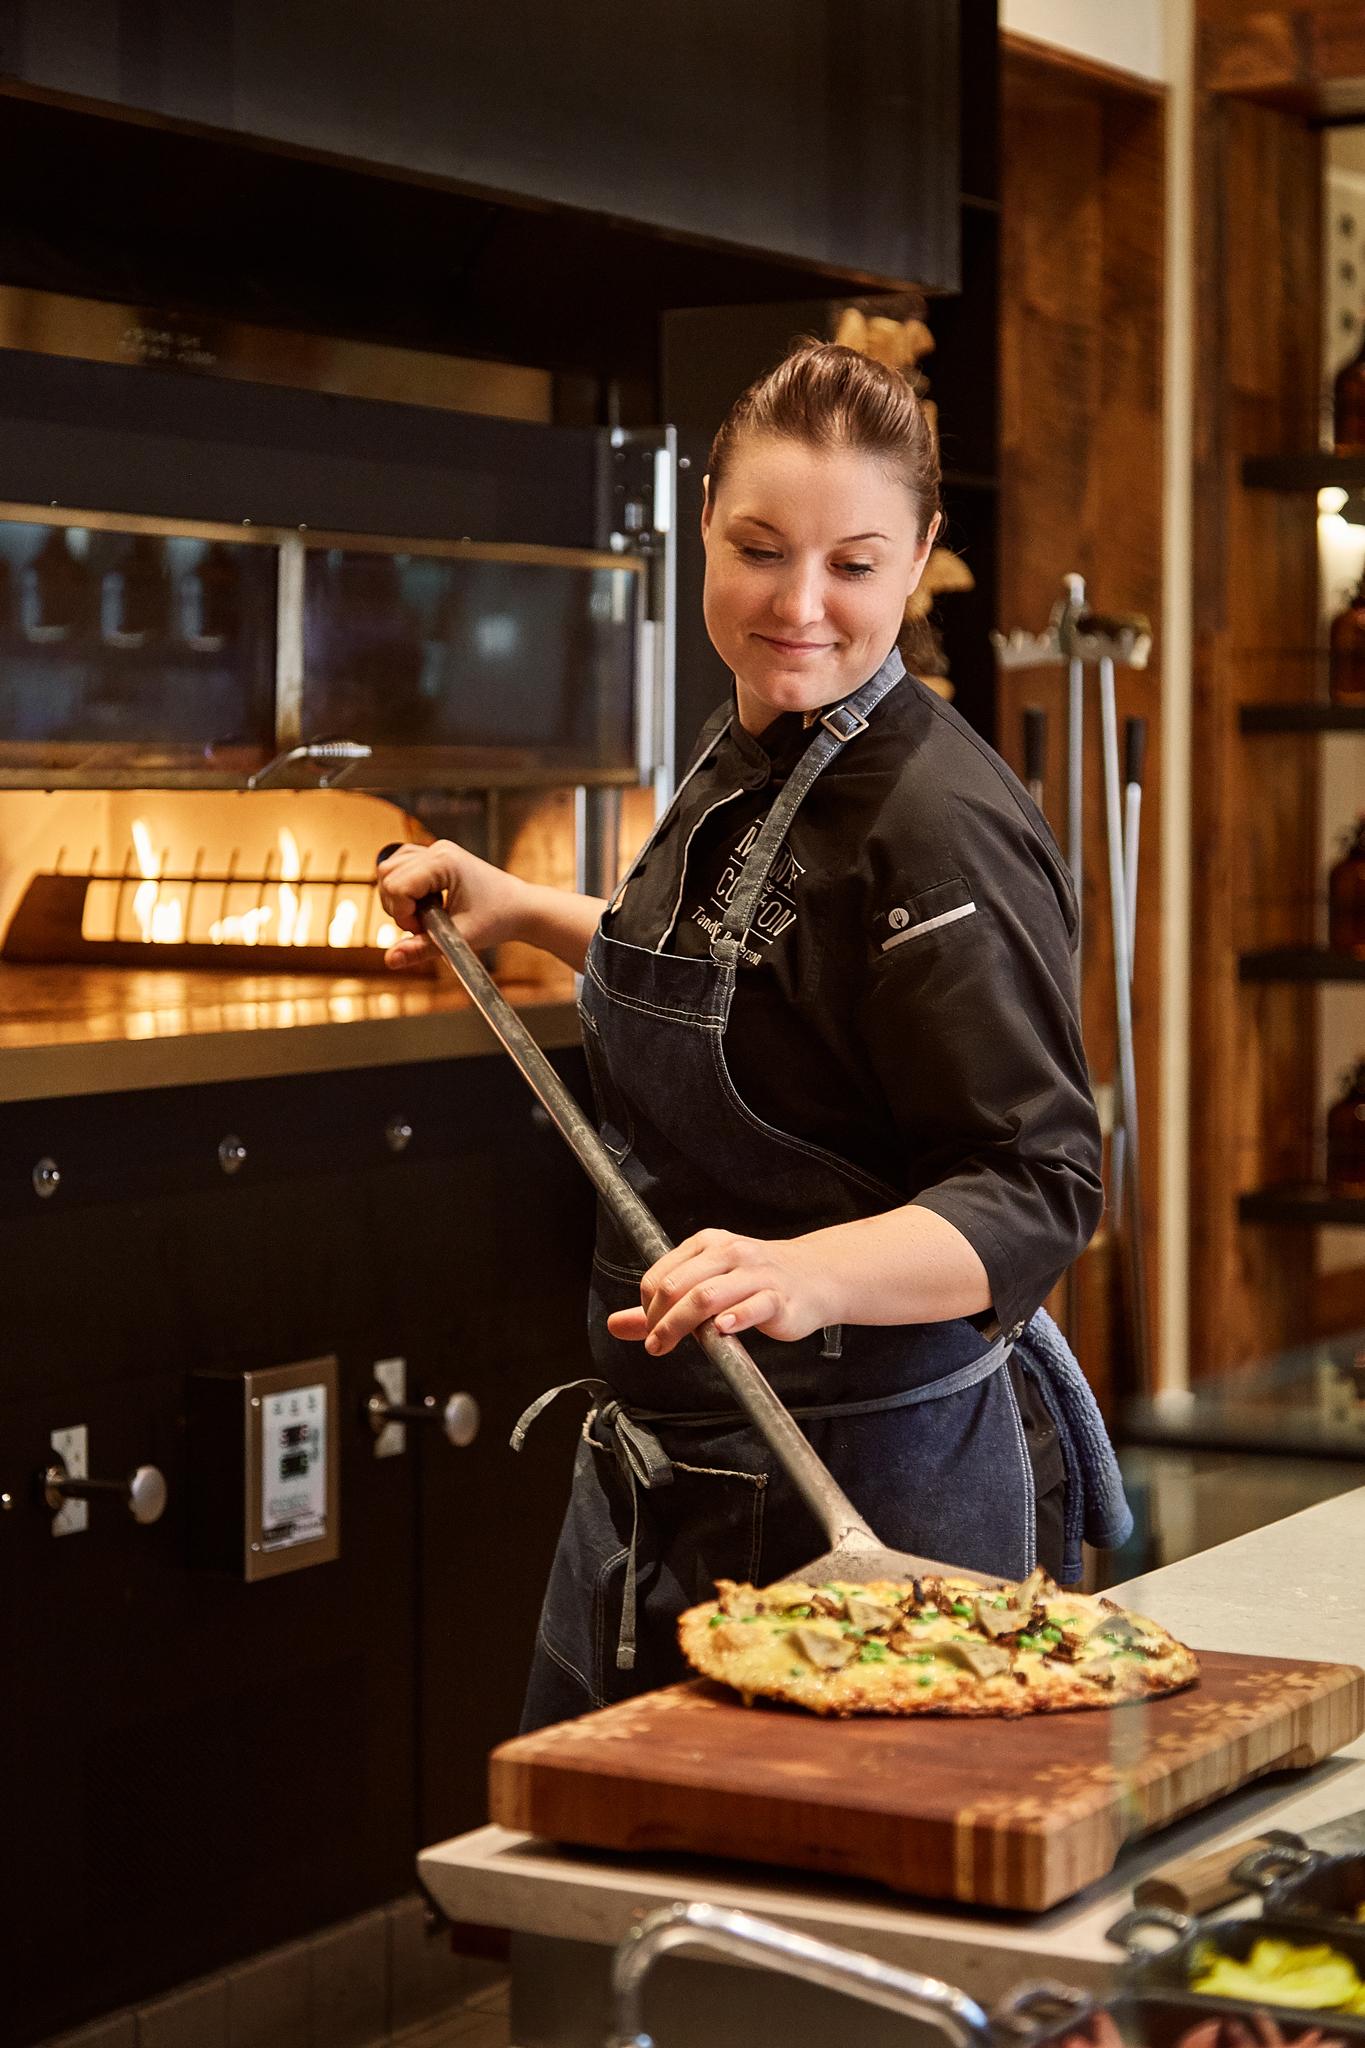 Phoenix Commercial Photographer - Chef Portraits